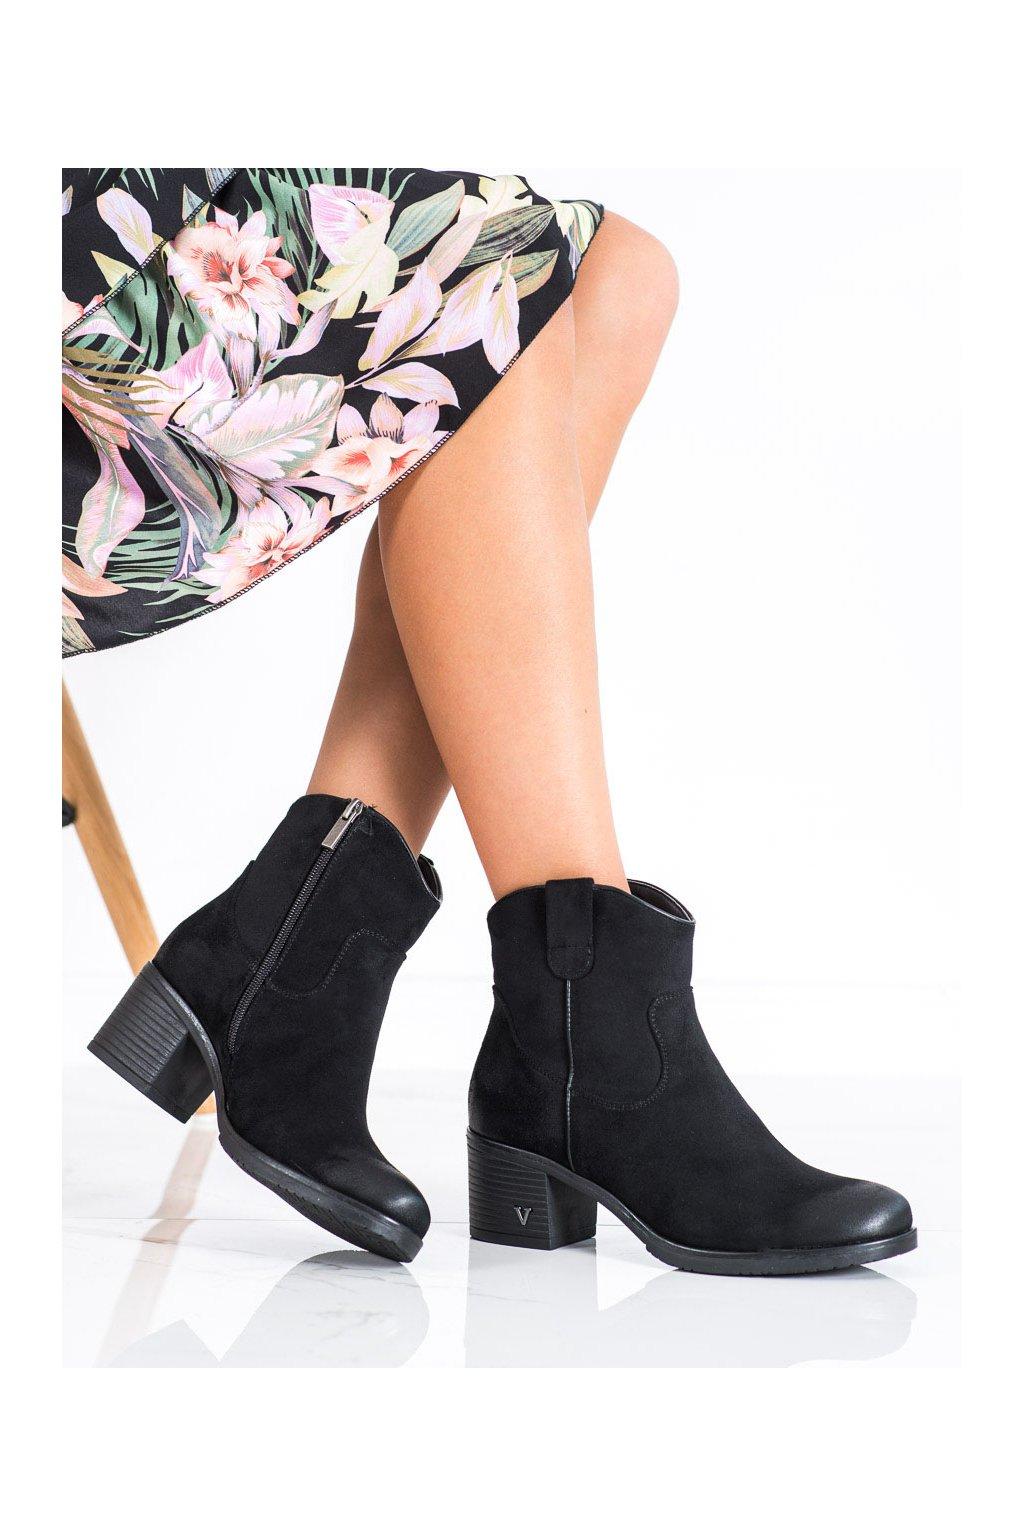 Čierne dámske topánky Vinceza kod XY22-10629B